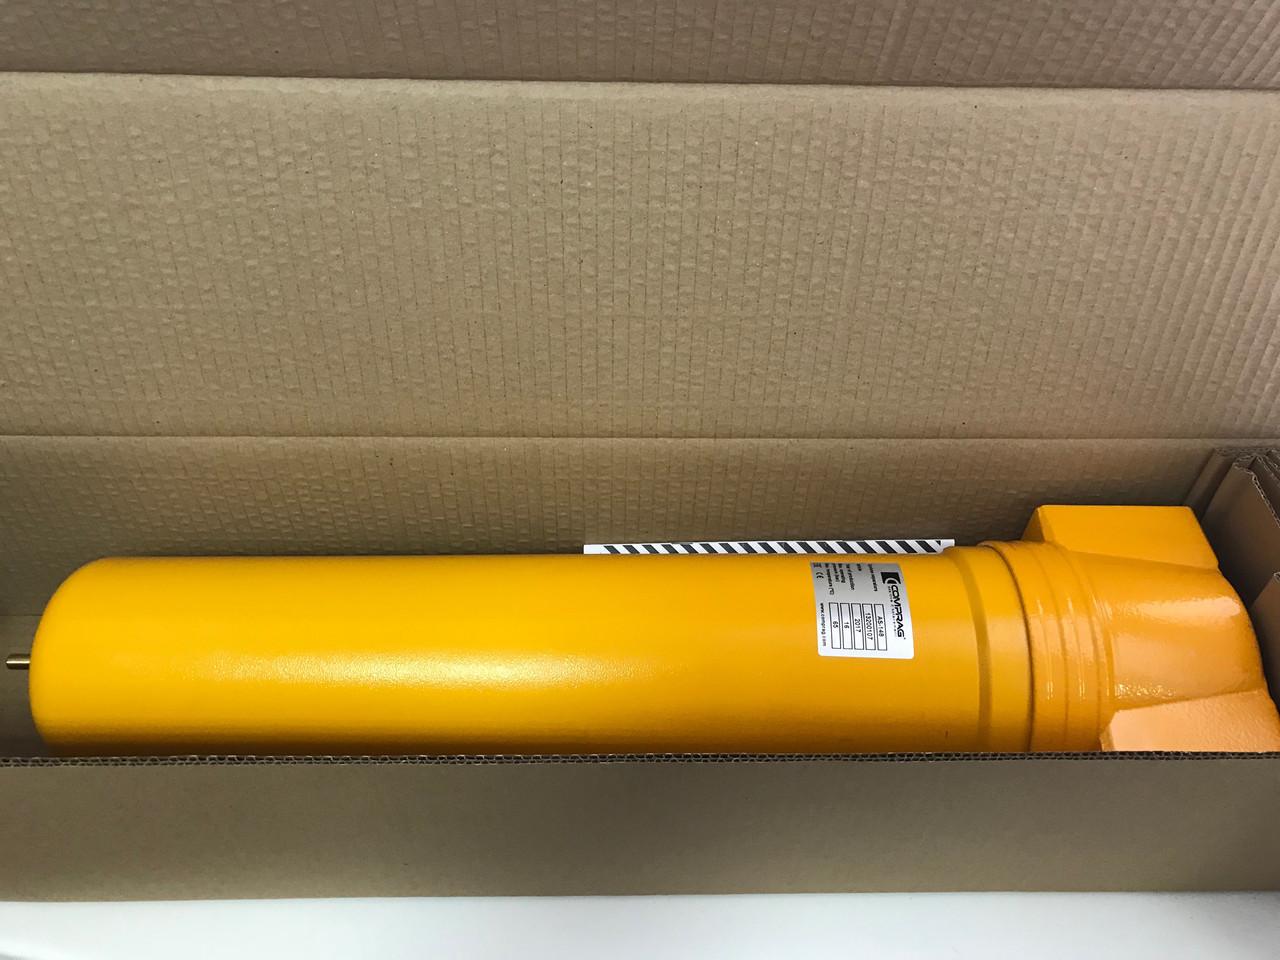 Циклонный сепаратор Comprag AS-125 (Германия) | магистральный сепаратор воздуха